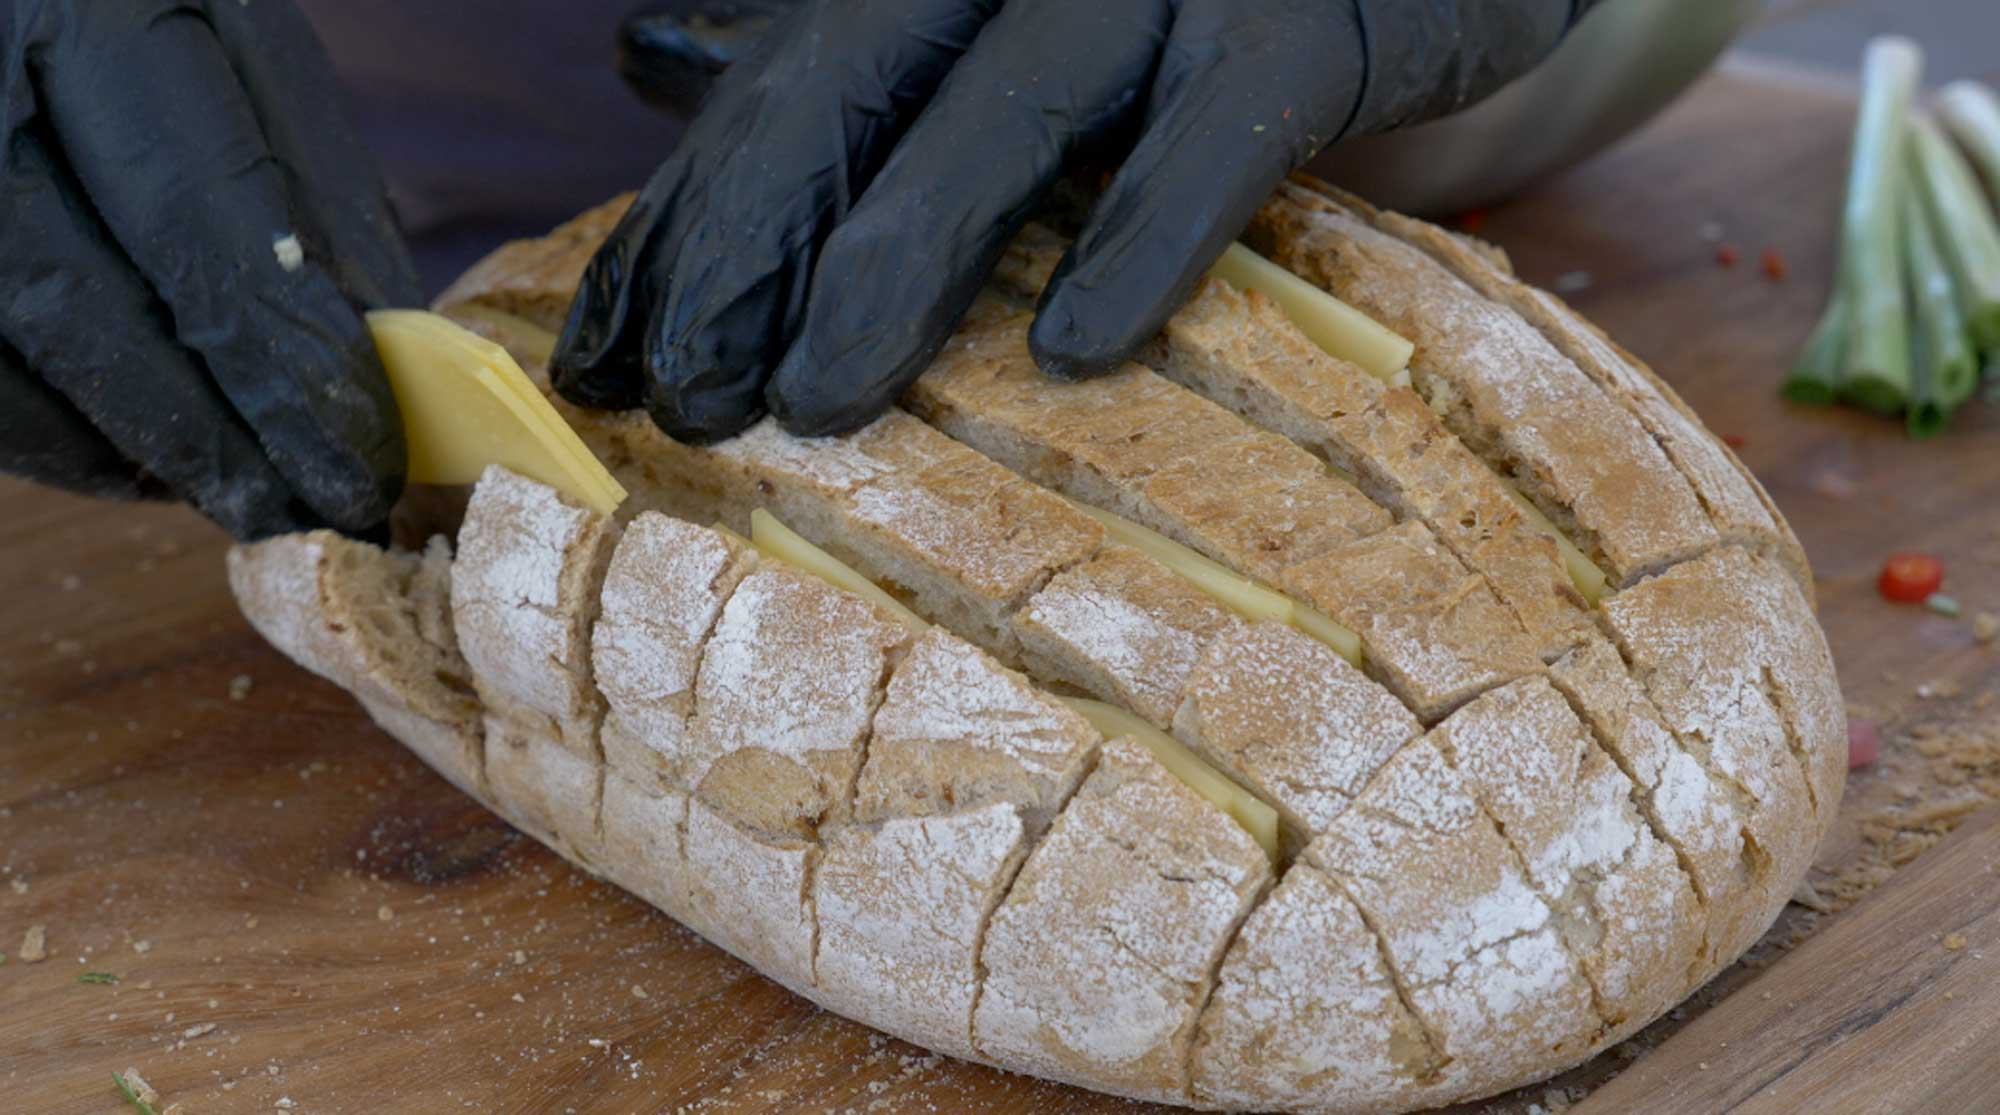 Der Käse wird in die Lücken des Zupfbrotes gesteckt